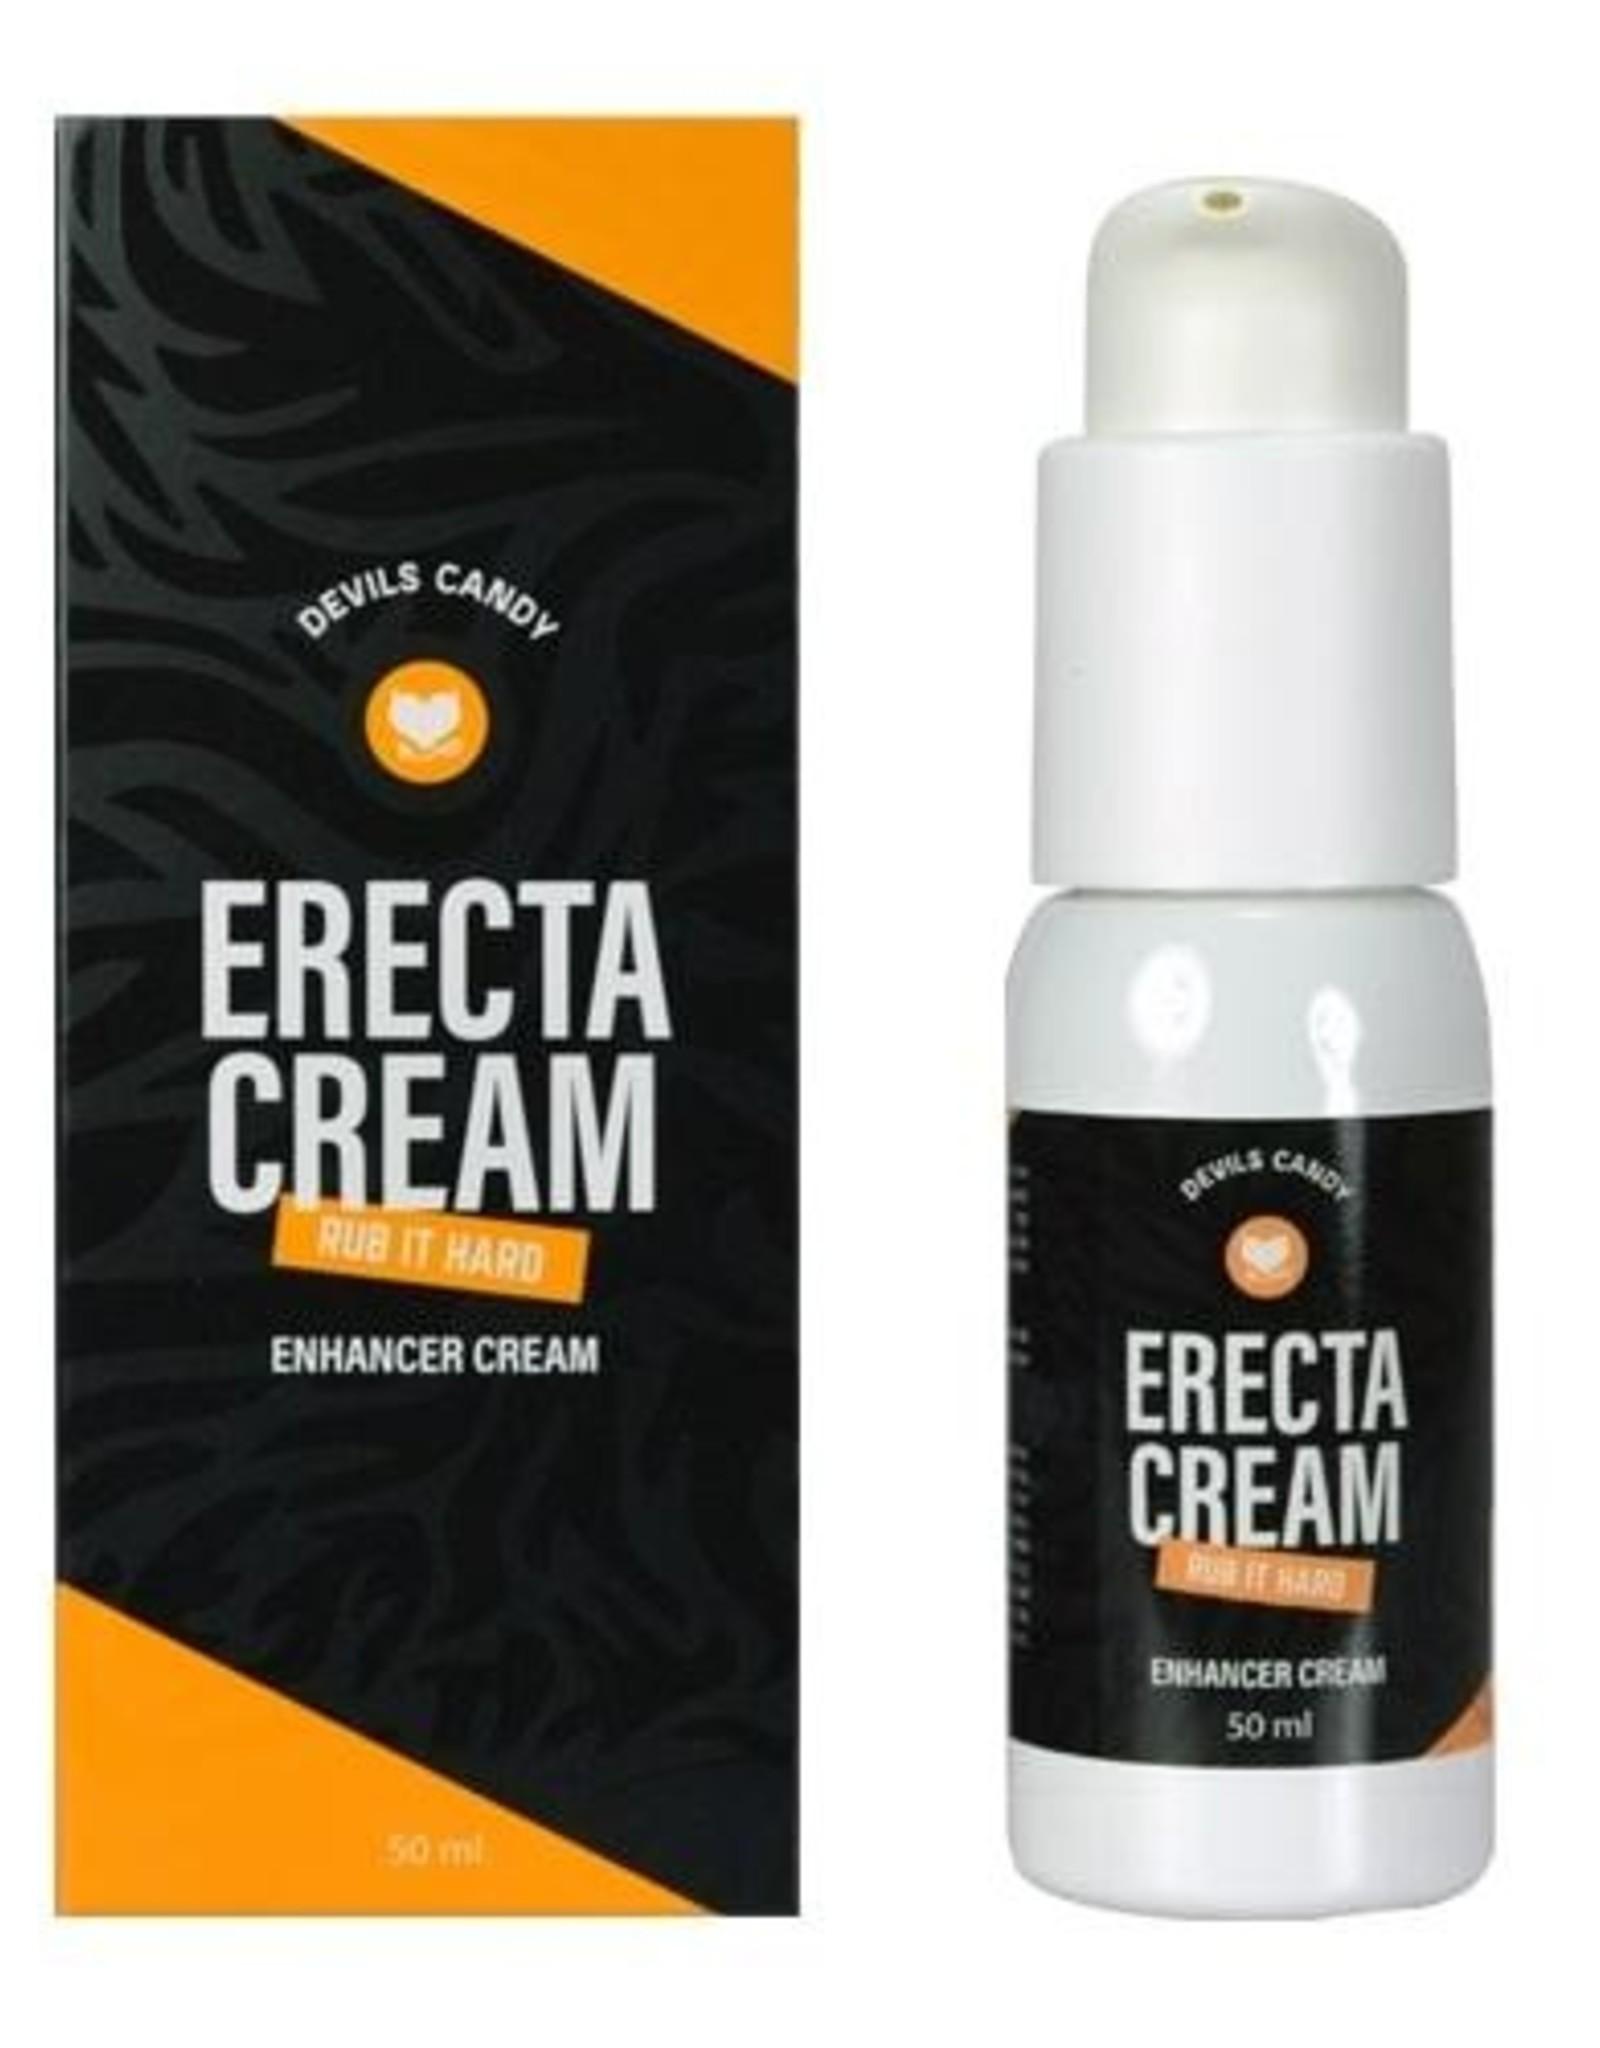 Morningstar Devils Candy Erecta Stimulerende Penis Crème